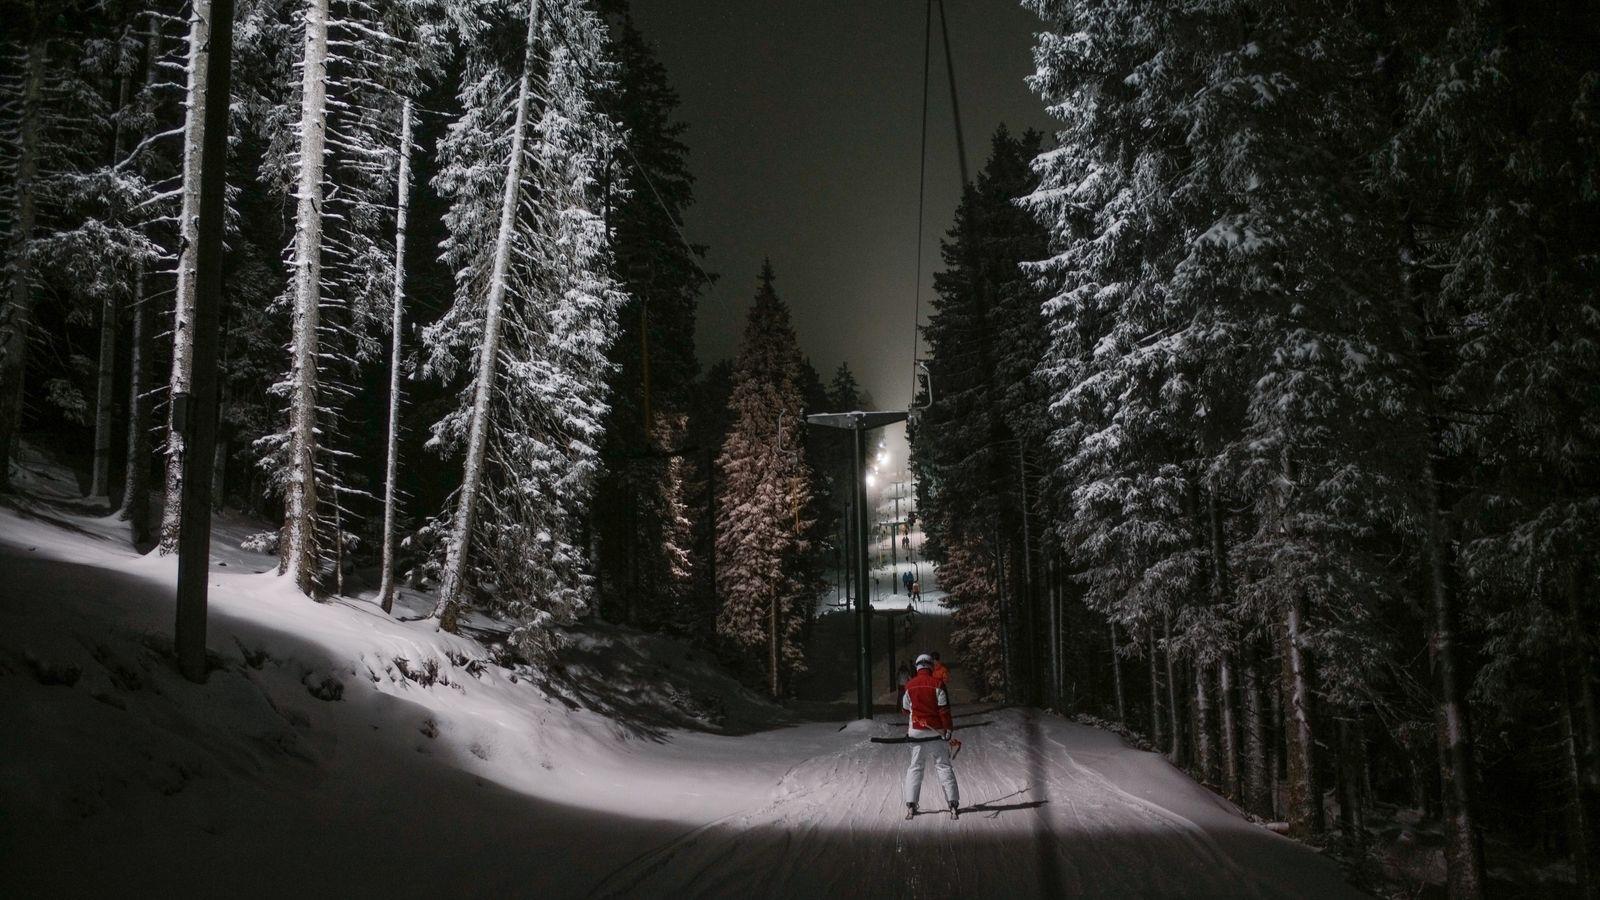 Ein Skifahrer nimmt den Schlepplift zwischen riesigen Bäumen hindurch zum oberen Ende der Nachtpisten von Rogla.